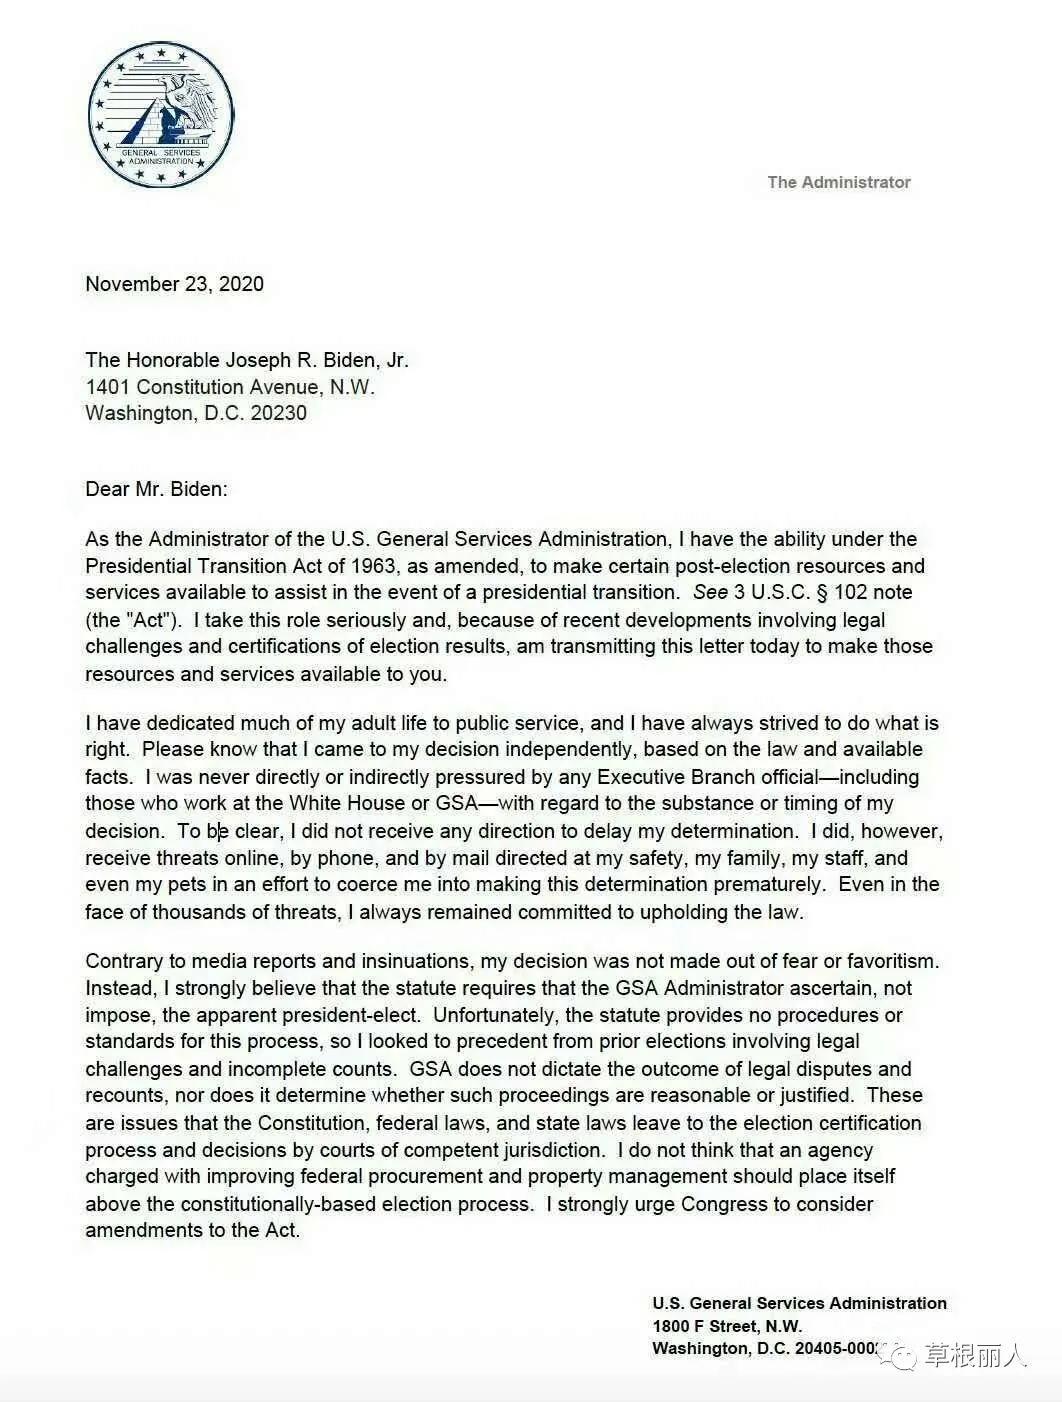 美总务局长给拜登的信函,不是妥协,是炸弹